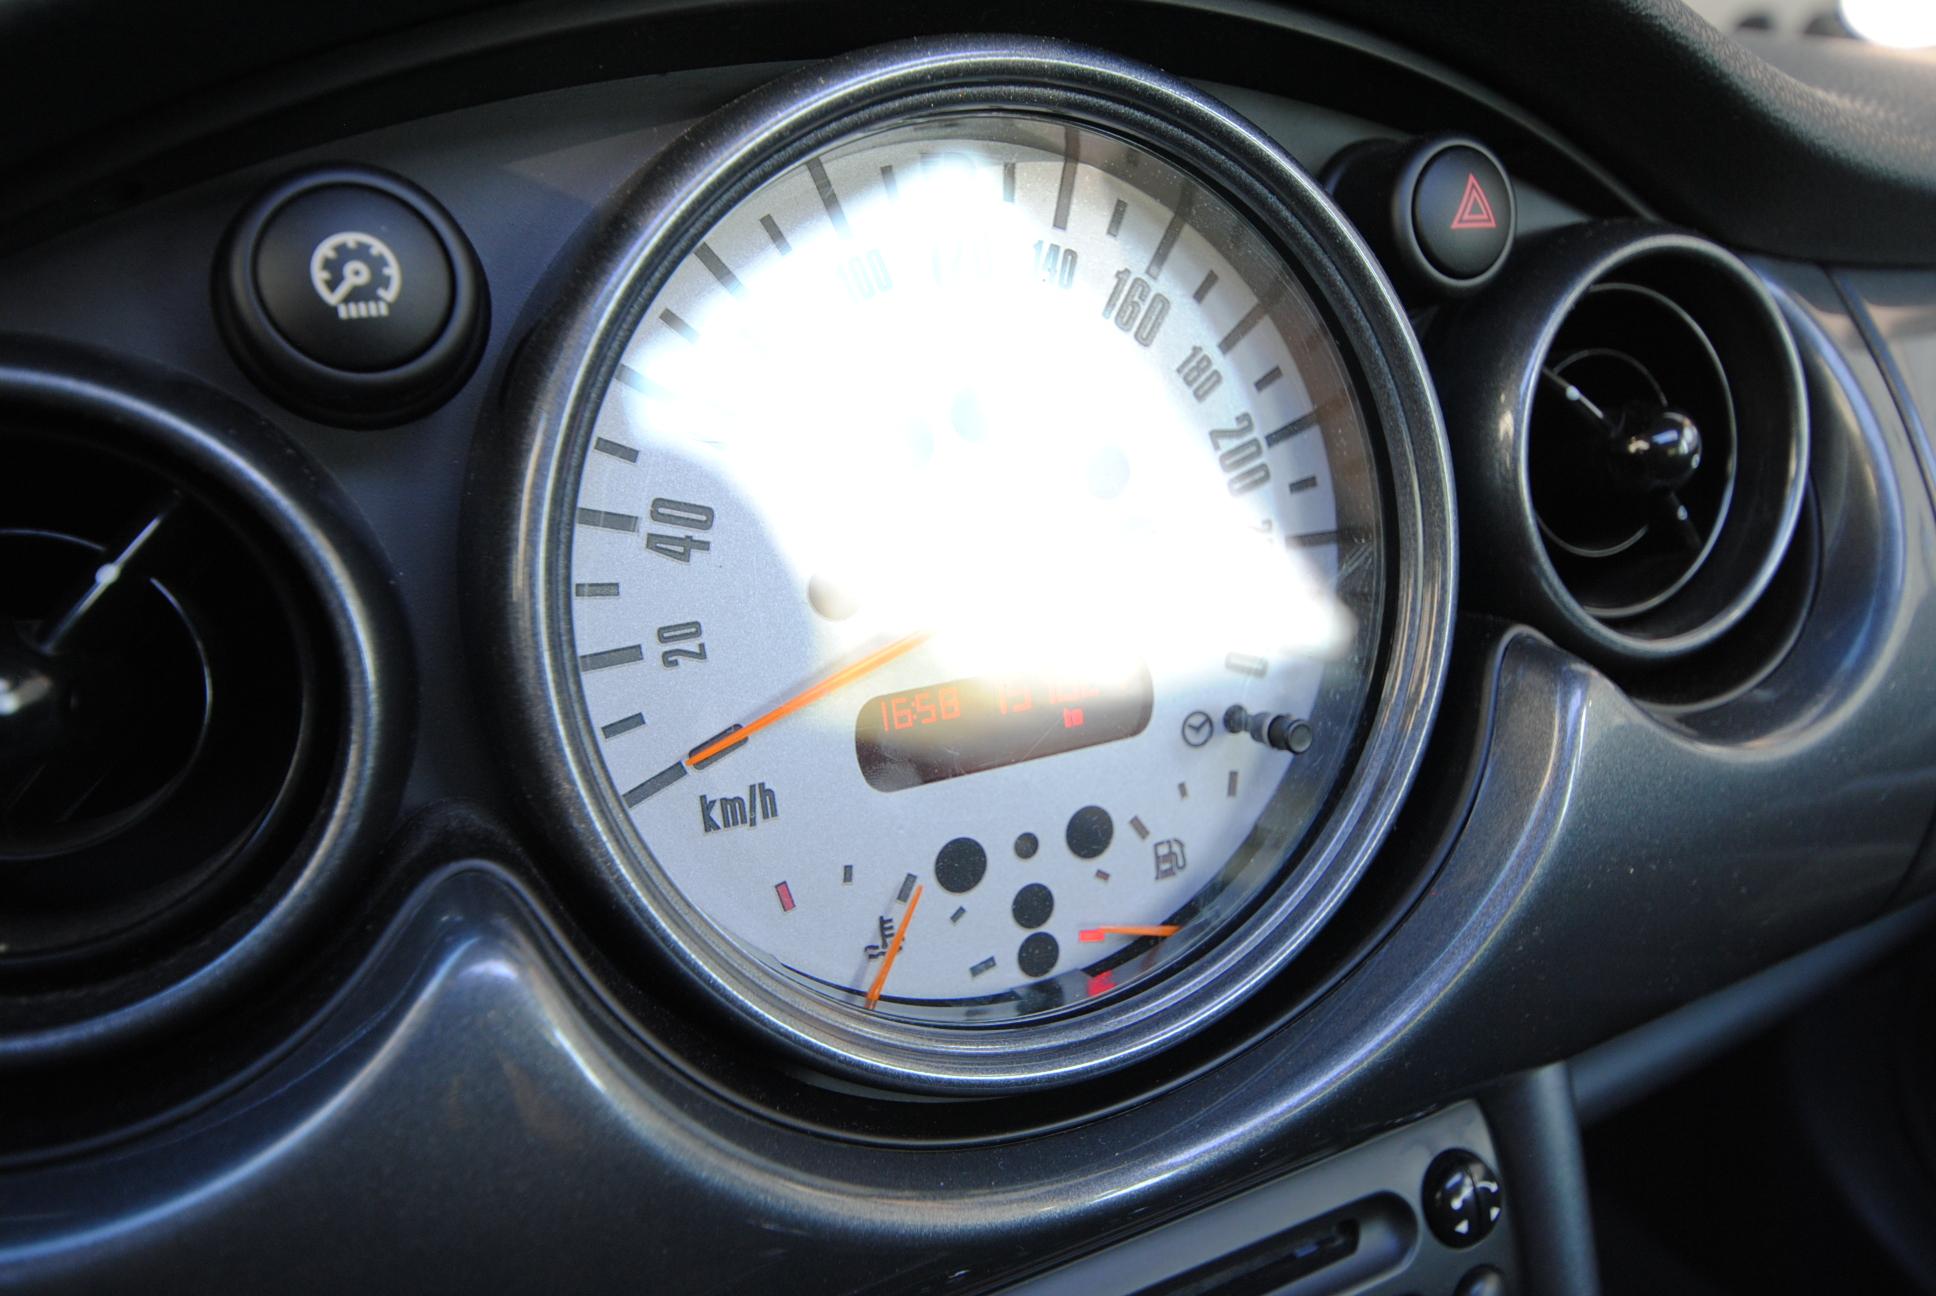 Mini one no Vācijas autopiegade.lv